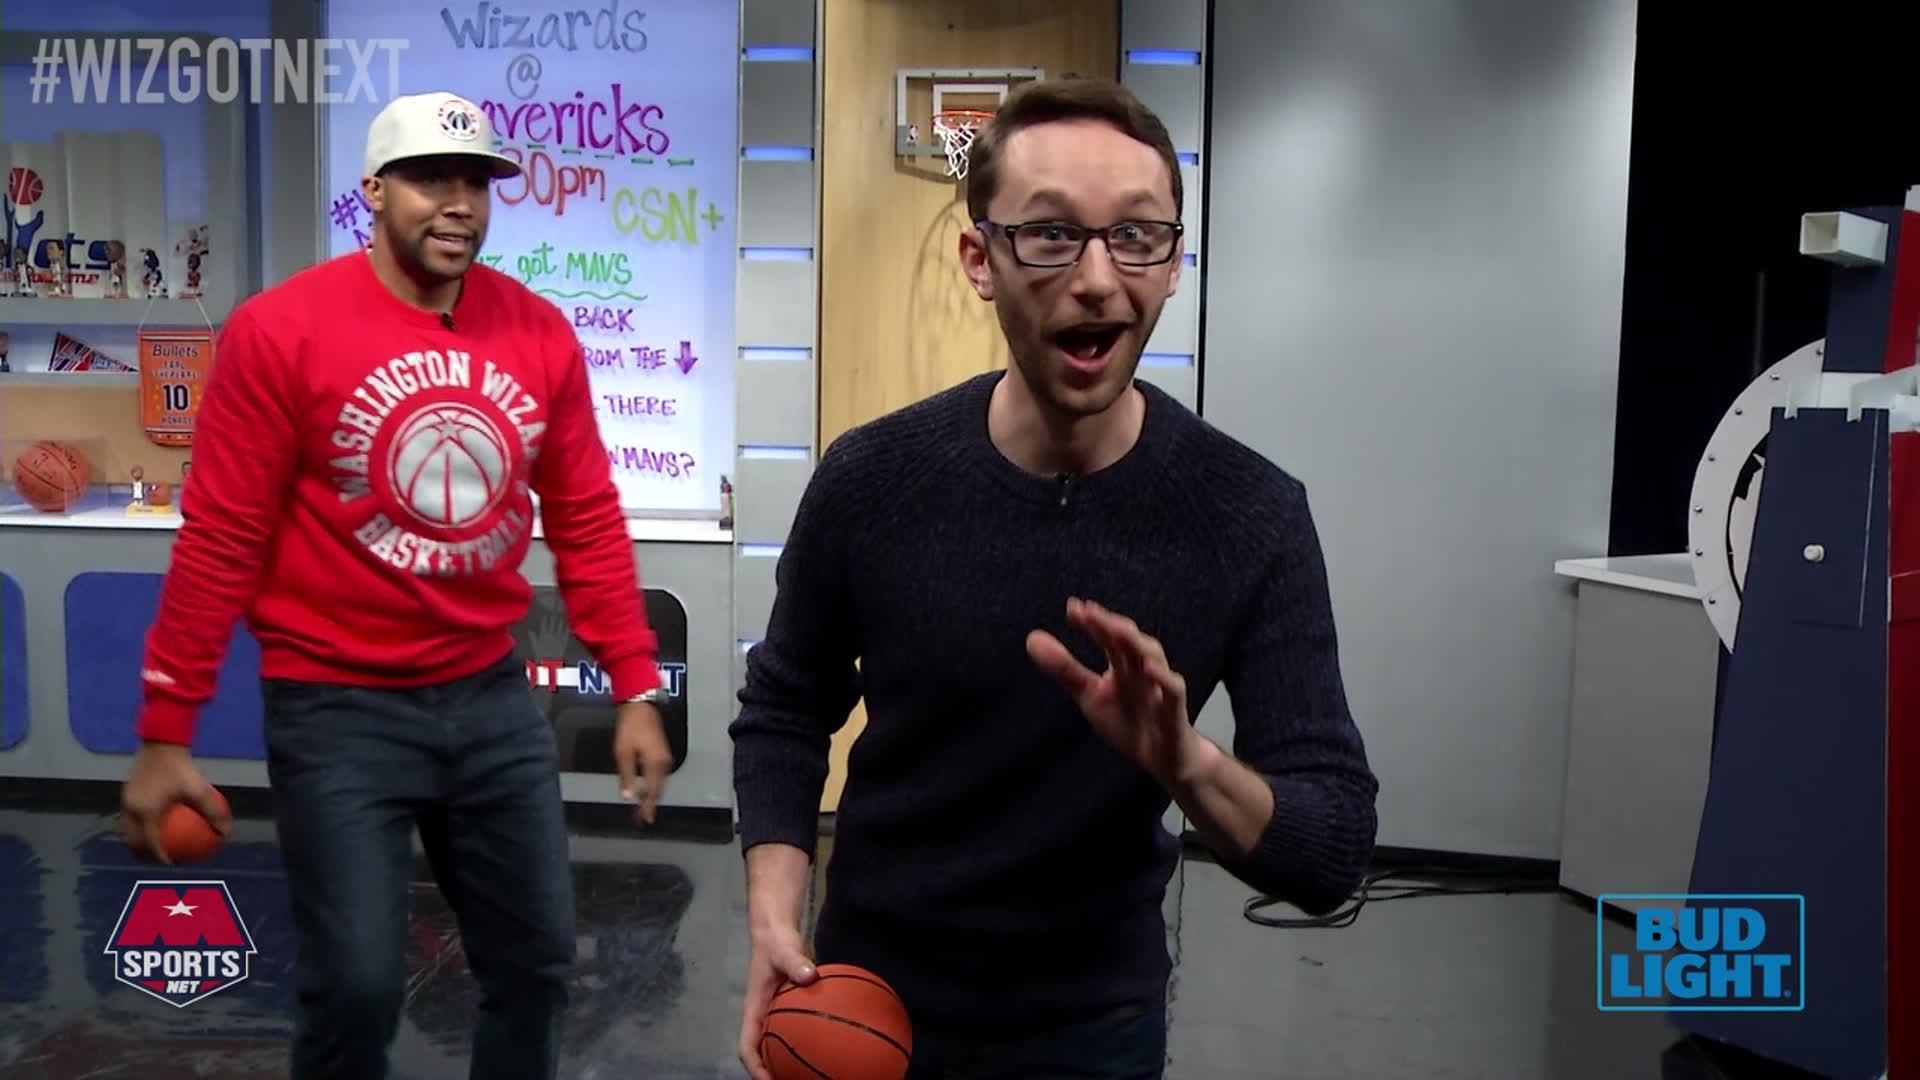 Wiz Got Next: Wizards @ Mavericks Pt 2 1-3-17